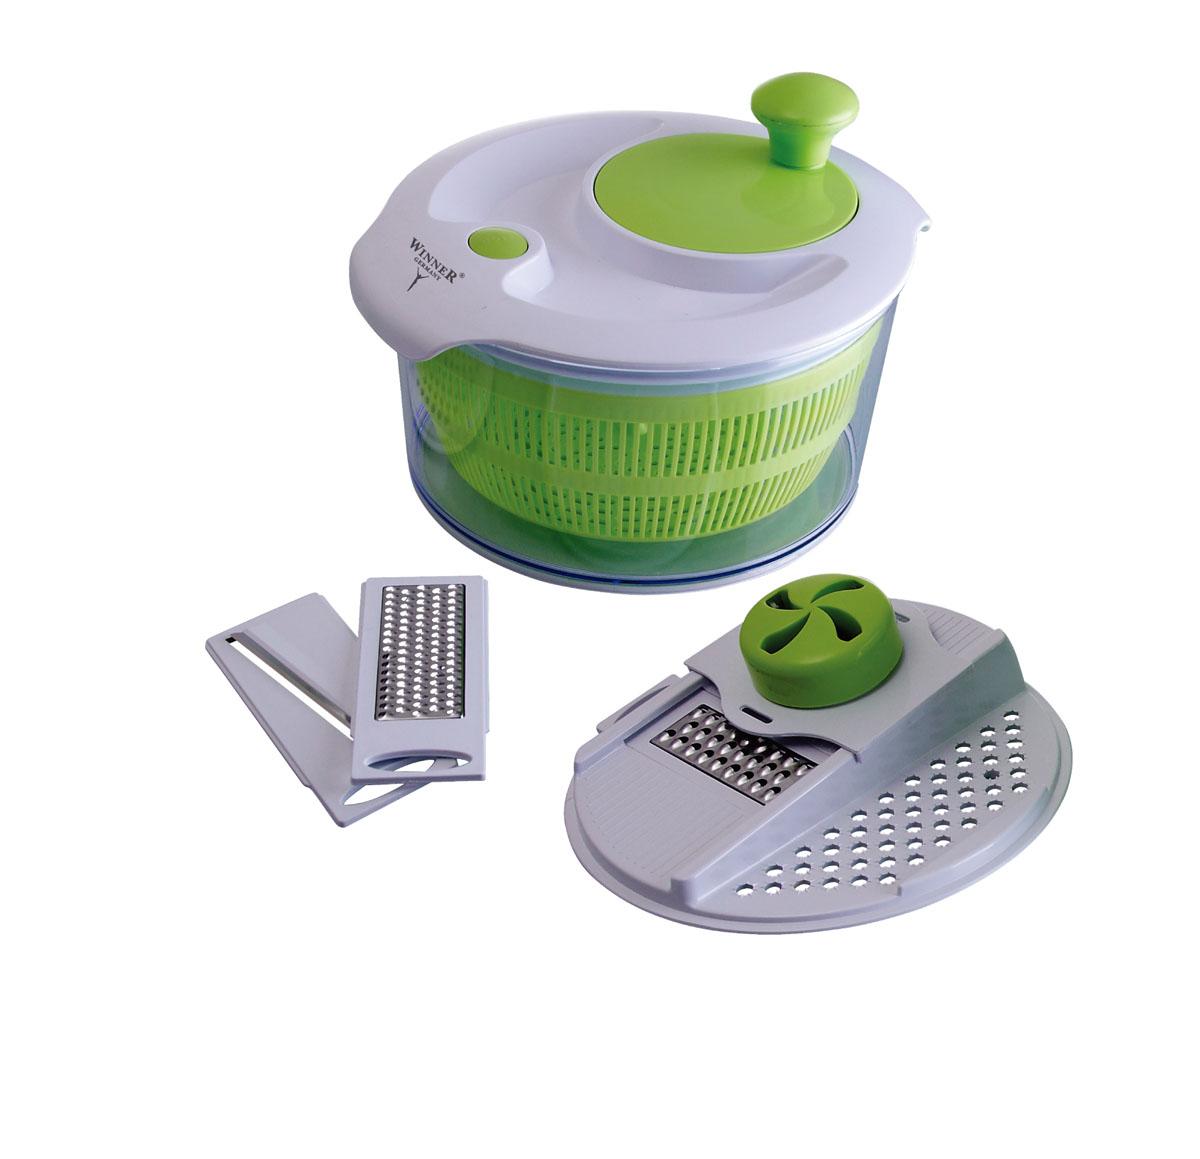 Набор для изготовления салатов Winner. WR-7401WR-7401Набор для изготовления салатов Winner предназначен для исключительно бытового использования и для обработки небольшого количества продуктов. Имеет механическое управление. Прибор сочетает в себе функции измельчителя и приспособления для сушки зелени и ягод. Меняя ножи на крышке, Вы можете получить огромный выбор нарезки фруктов, овощей и других продуктов, например, сыра, шоколада и т.п.Комплектация:чаша объемом 4,7л, крышка-держатель для ножей, держатель для продуктов, ножи: для крупной нарезки, для мелкой нарезки, для нарезки тонкими ломтиками, крышка для сушки зелени и ягод, корзинка-дуршлаг и подробная инструкция по эксплуатации на русском языке. Рекомендована ручная чистка. Характеристики: Материал: пластик пищевой, лезвия из нержавеющей стали. Объем чаши: 4,7 л. Размер чаши: 24 см х 24 см х 11,5 см. Размер упаковки: 25 см x 15 см x 18 см. Изготовитель: Китай.